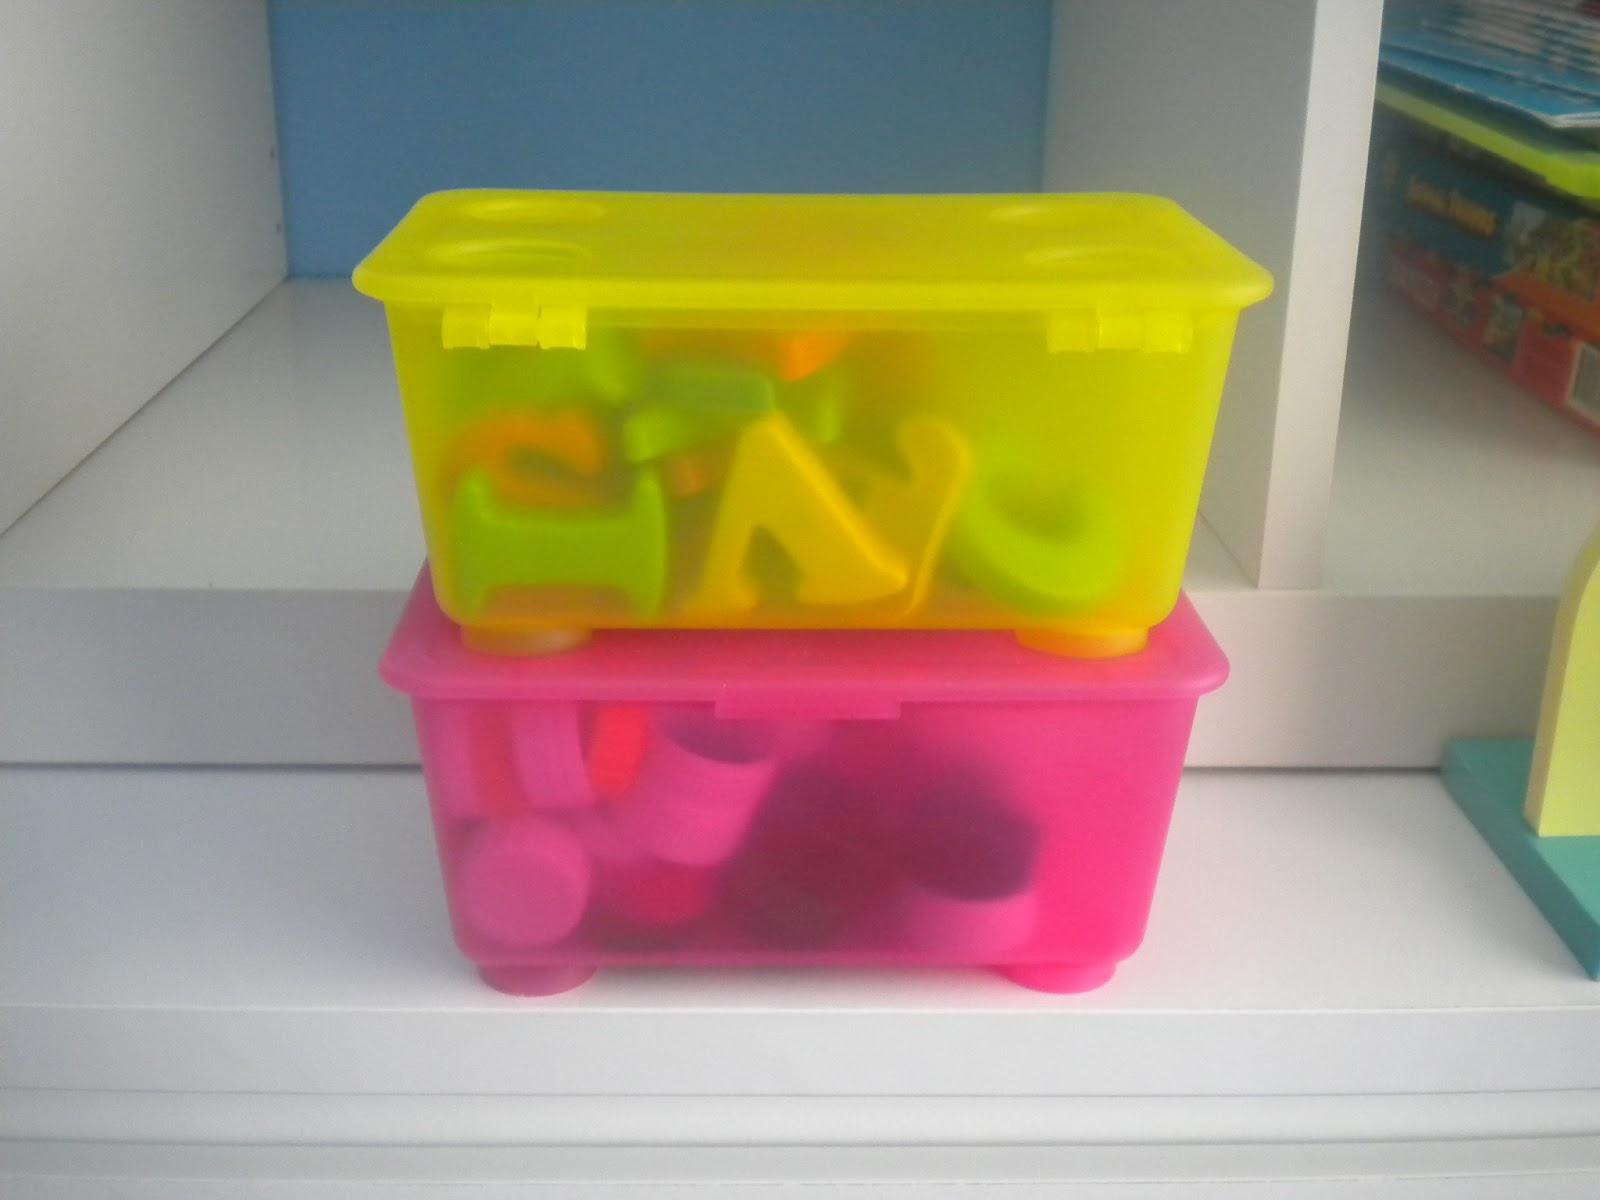 B aprende en casa taller preparamos cajas y botes - Botes plastico ikea ...